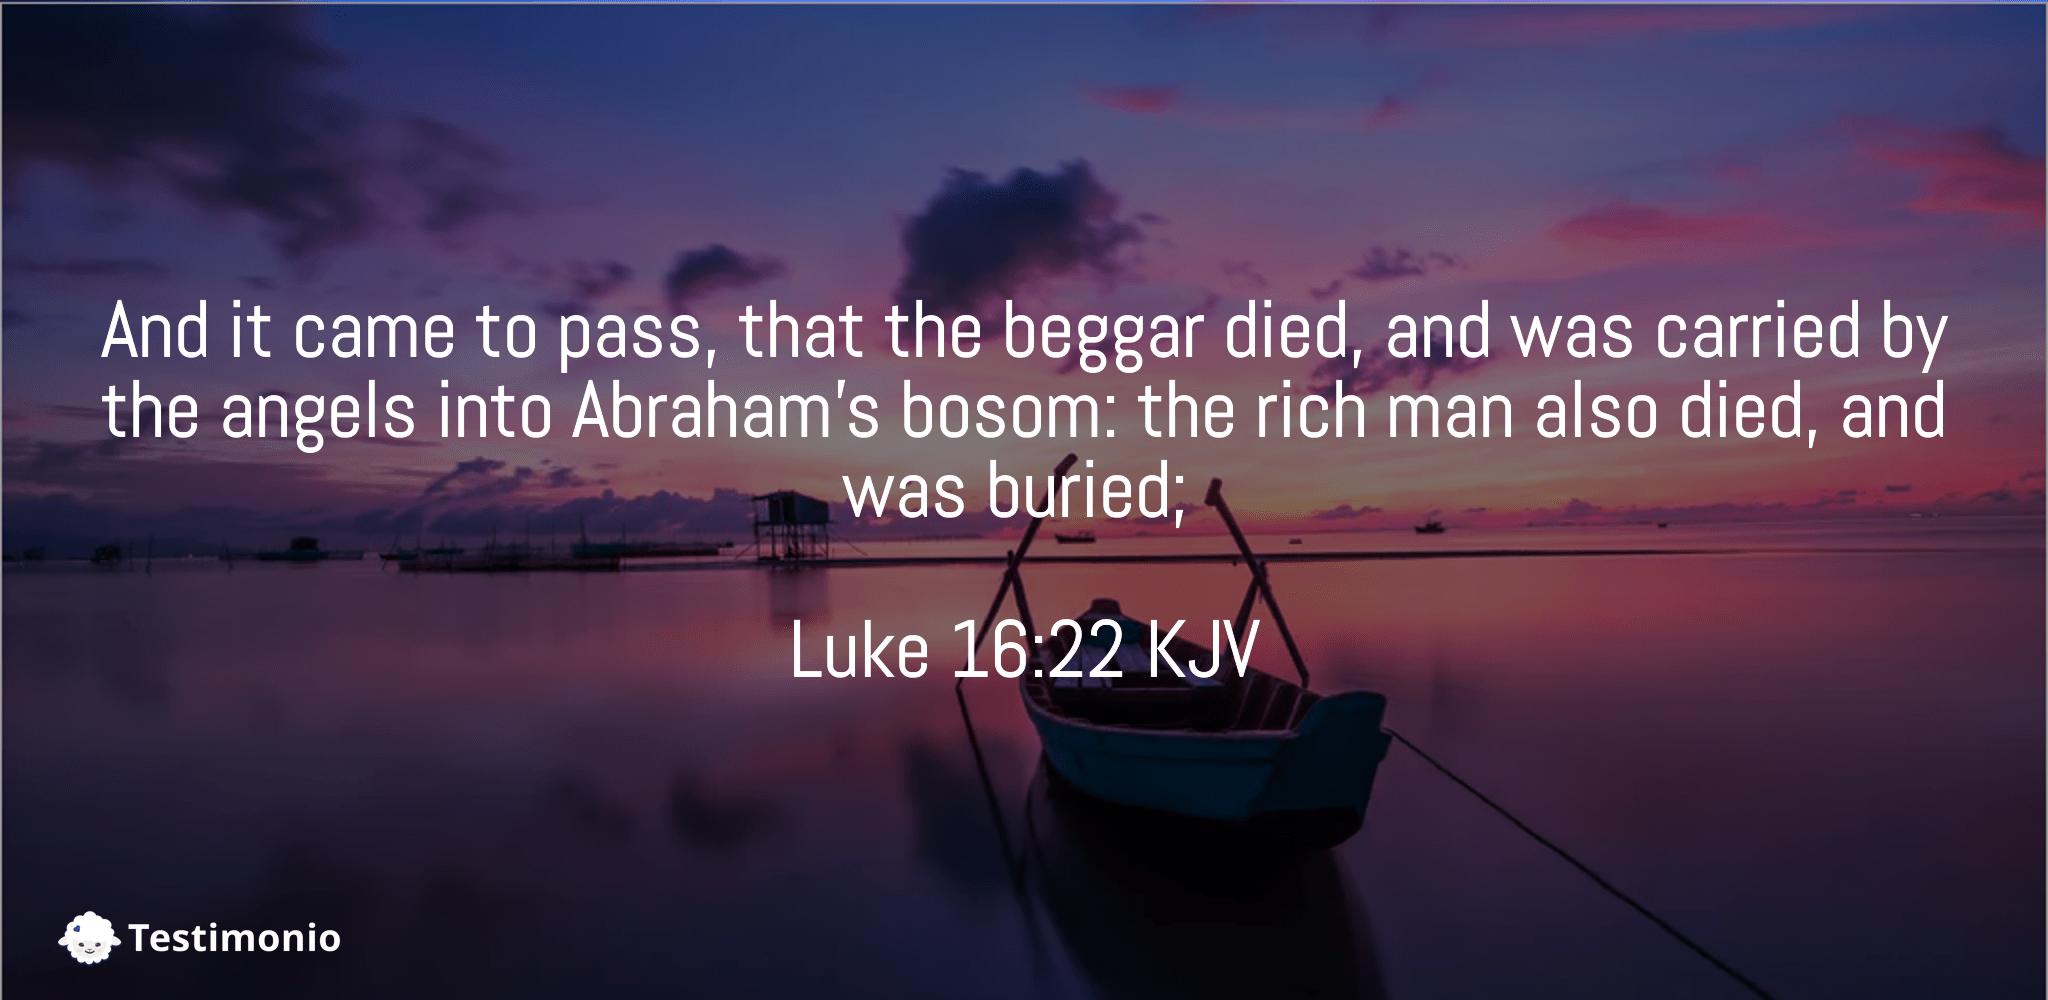 Luke 16:22